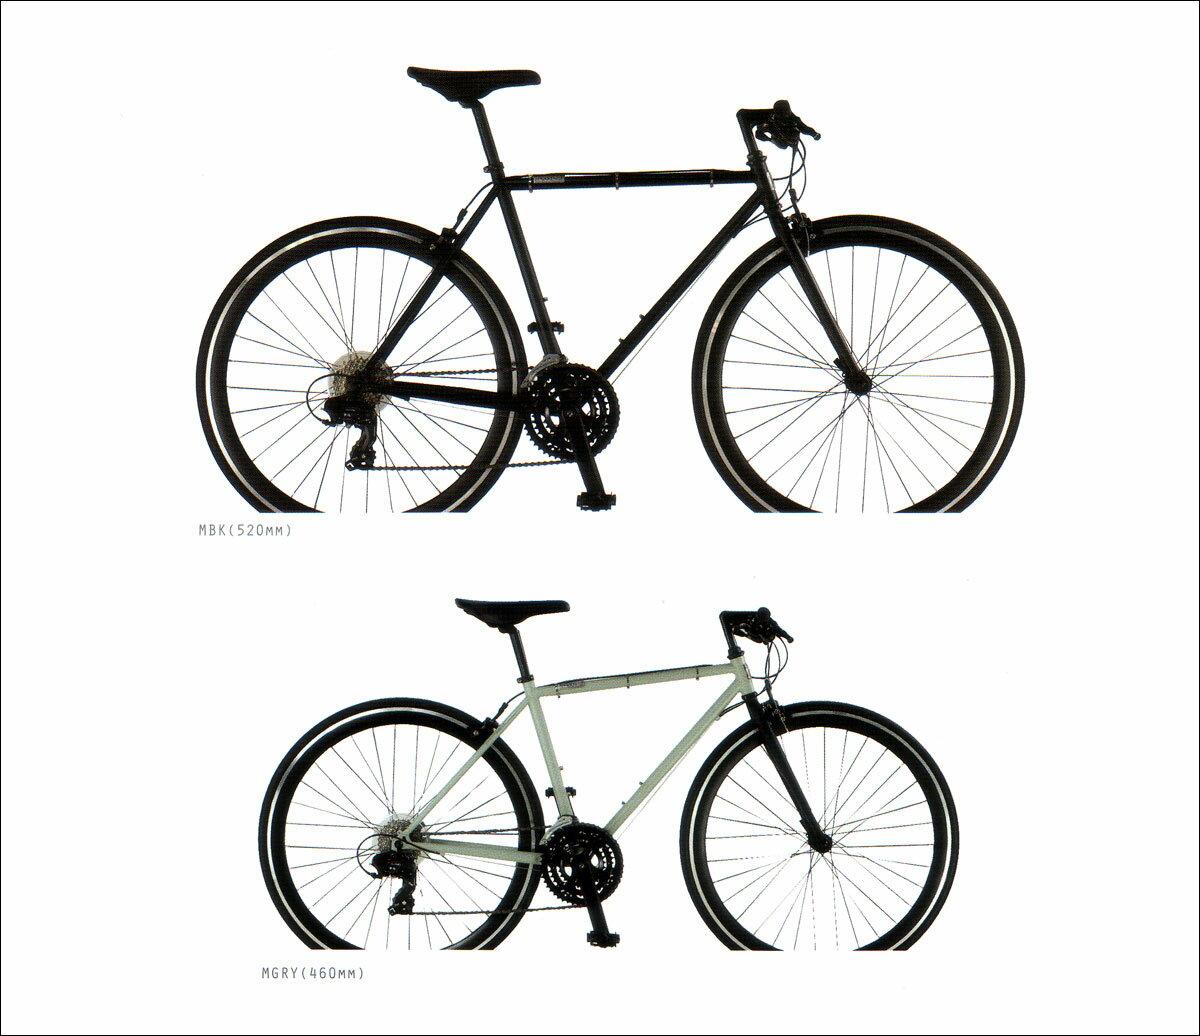 OSSO(オッソ) R330-CR【クロスバイク】【運動/健康/美容】 OSSO(オッソ) R330-CR【クロスバイク】ライト